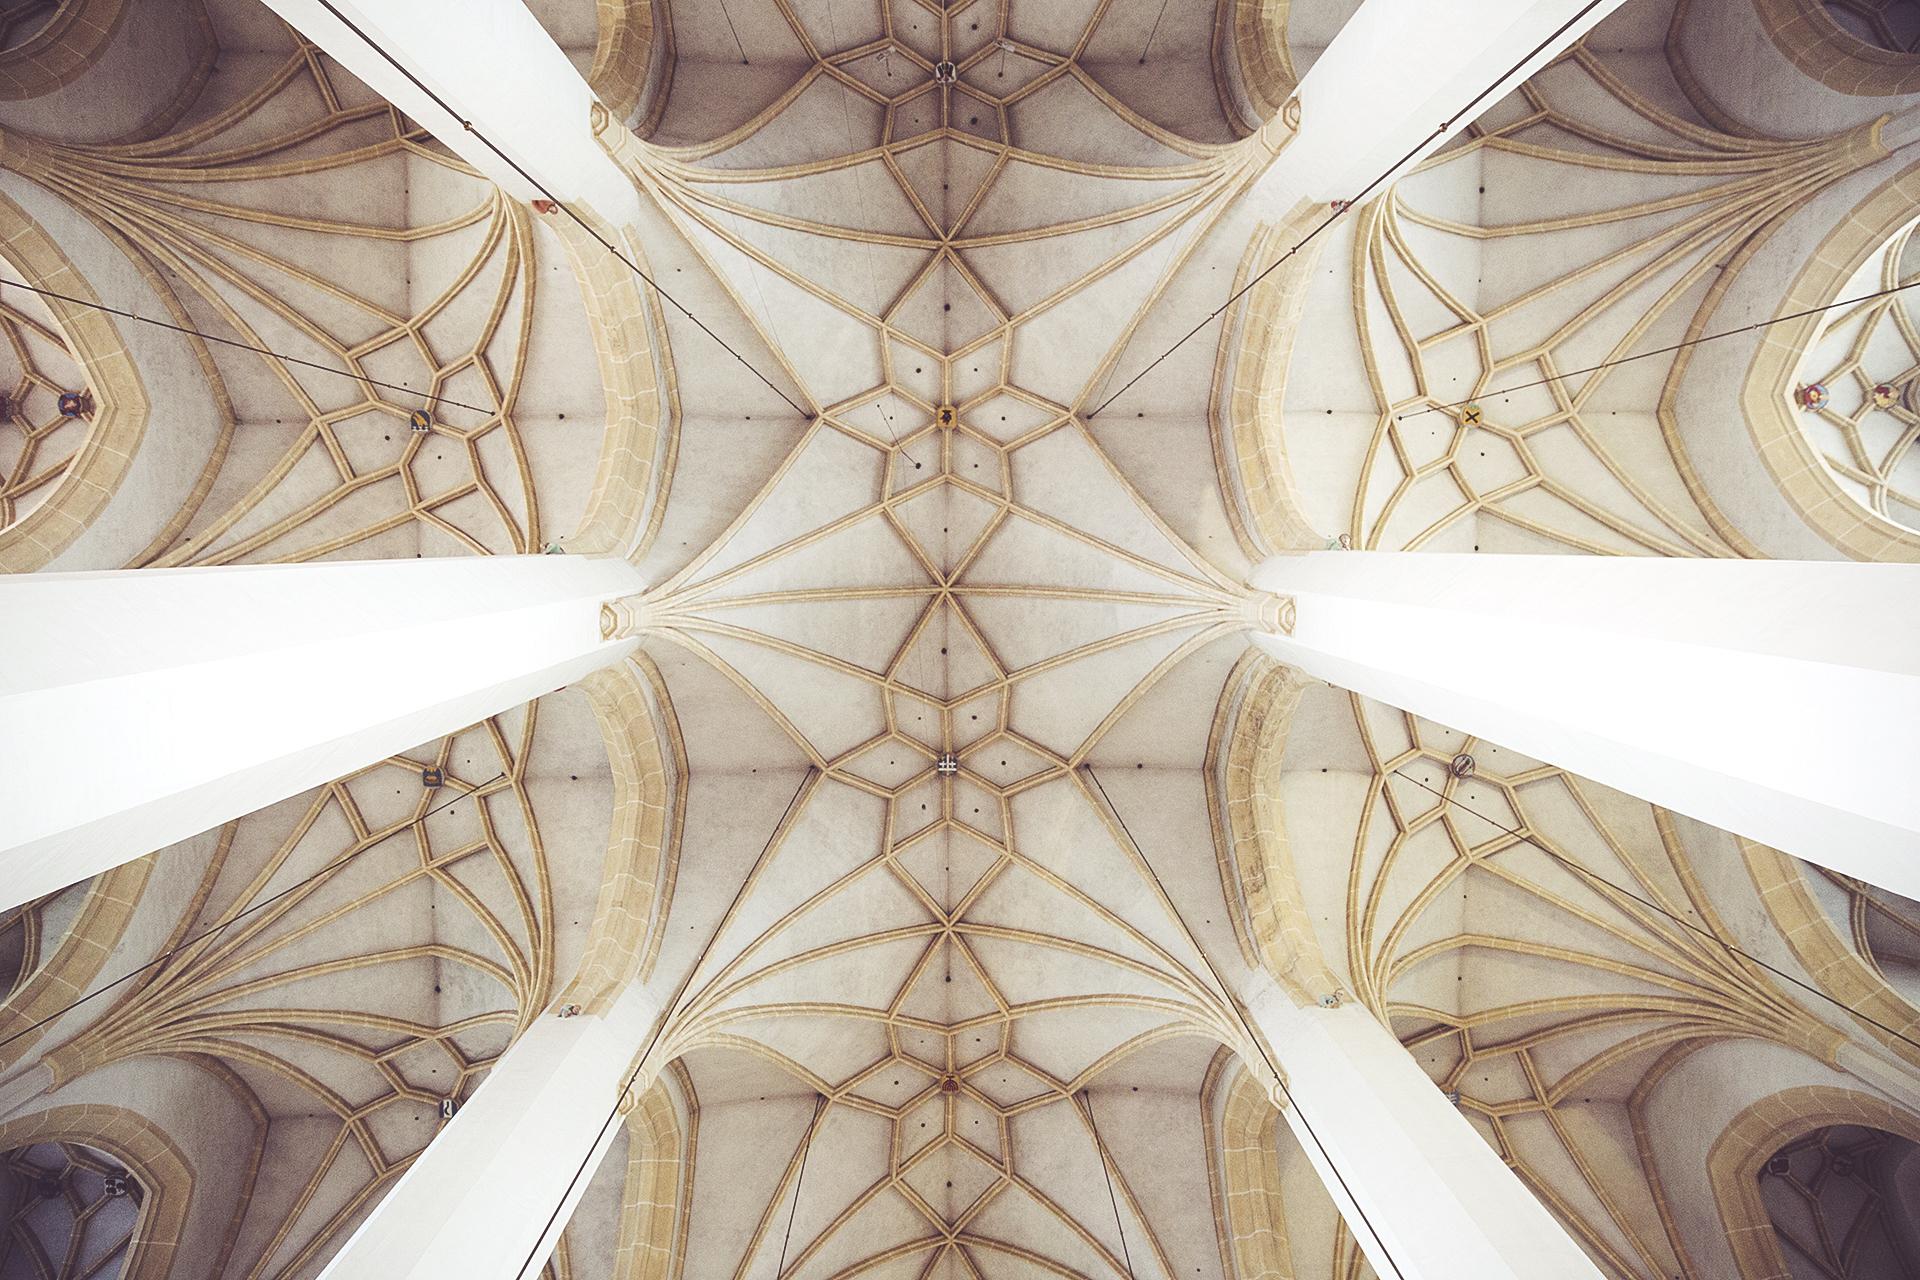 Church ceiling photo